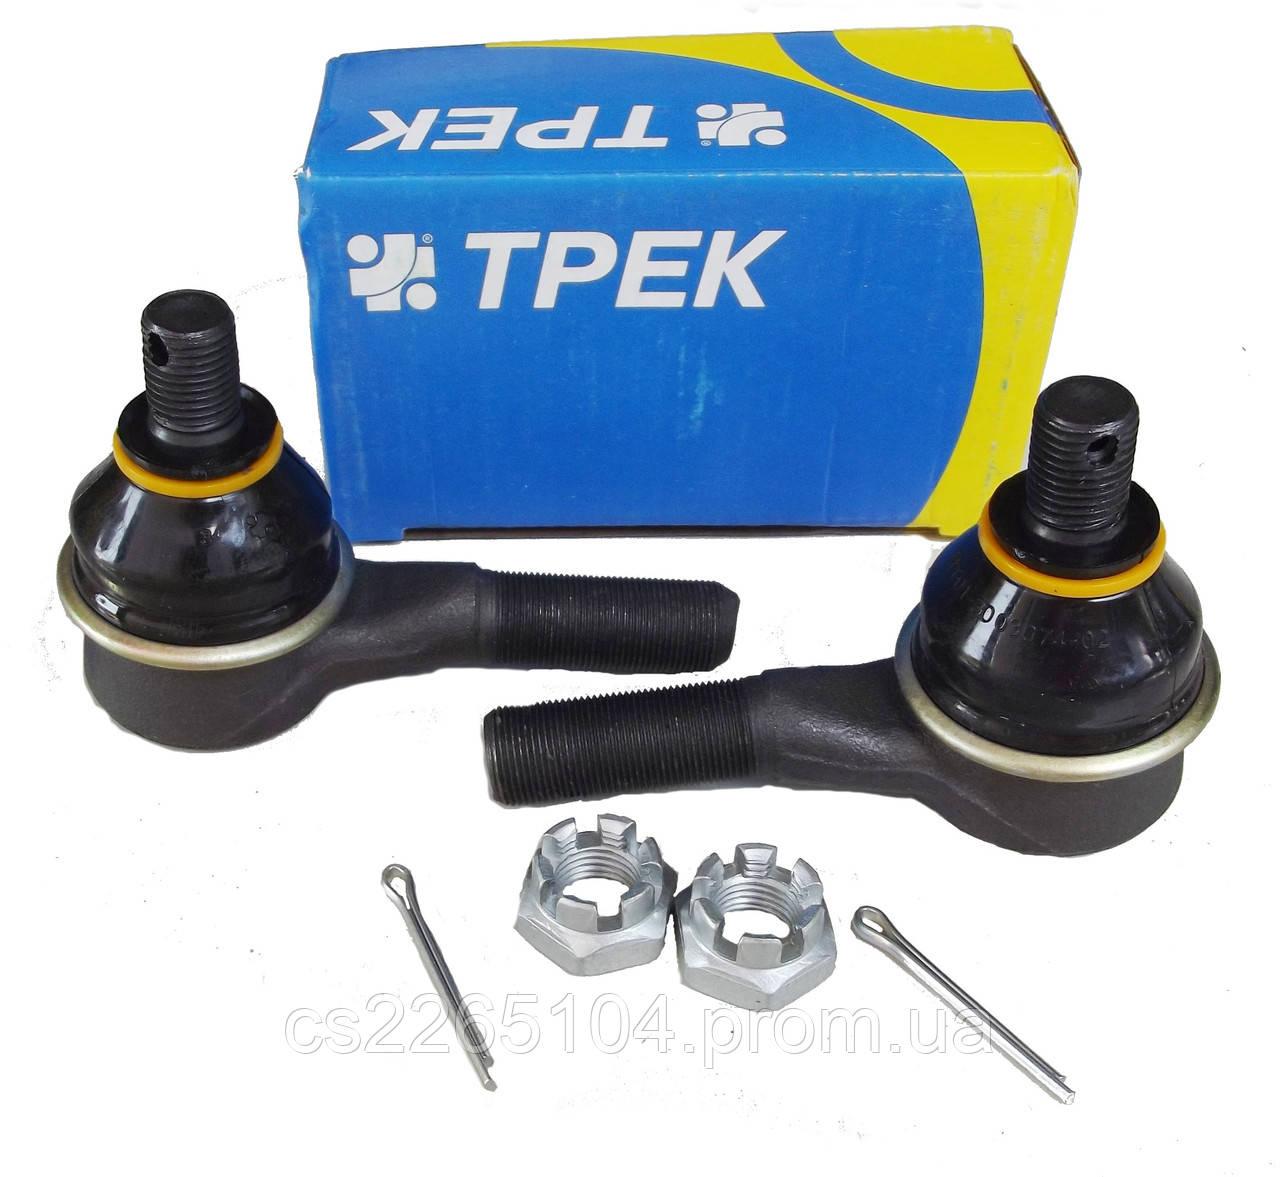 Рулевые наконечники наружные ВАЗ 2101 Трек